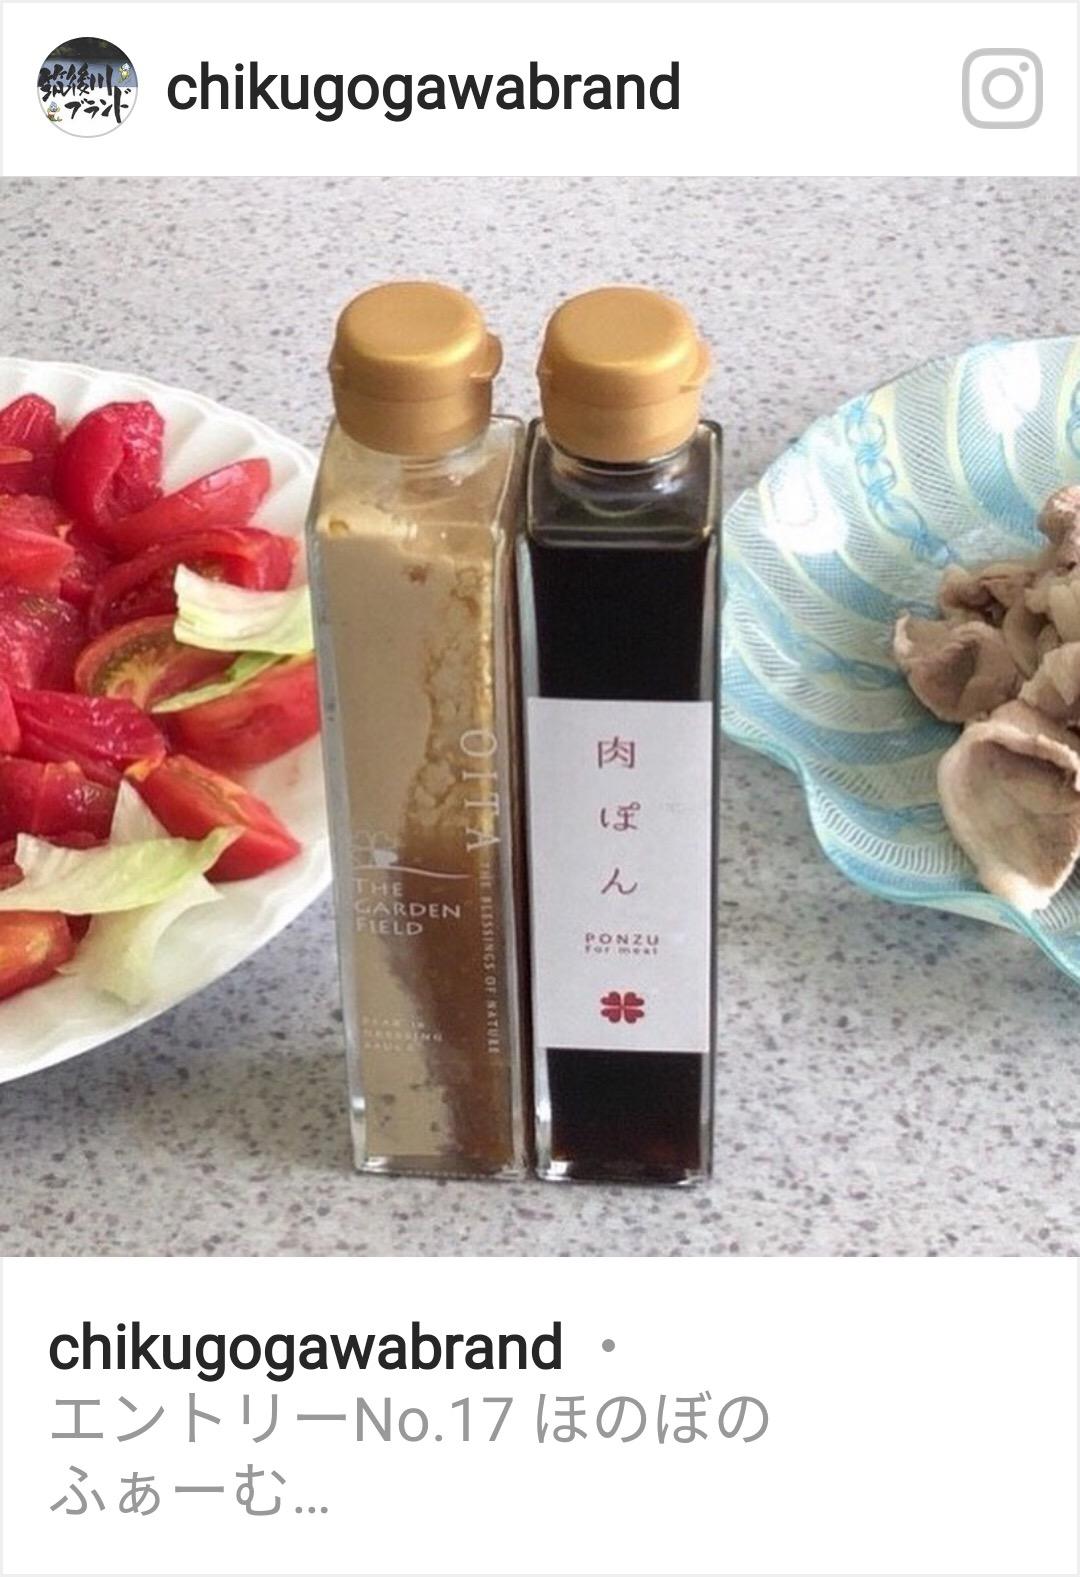 肉ぽん➕梨マヨセット